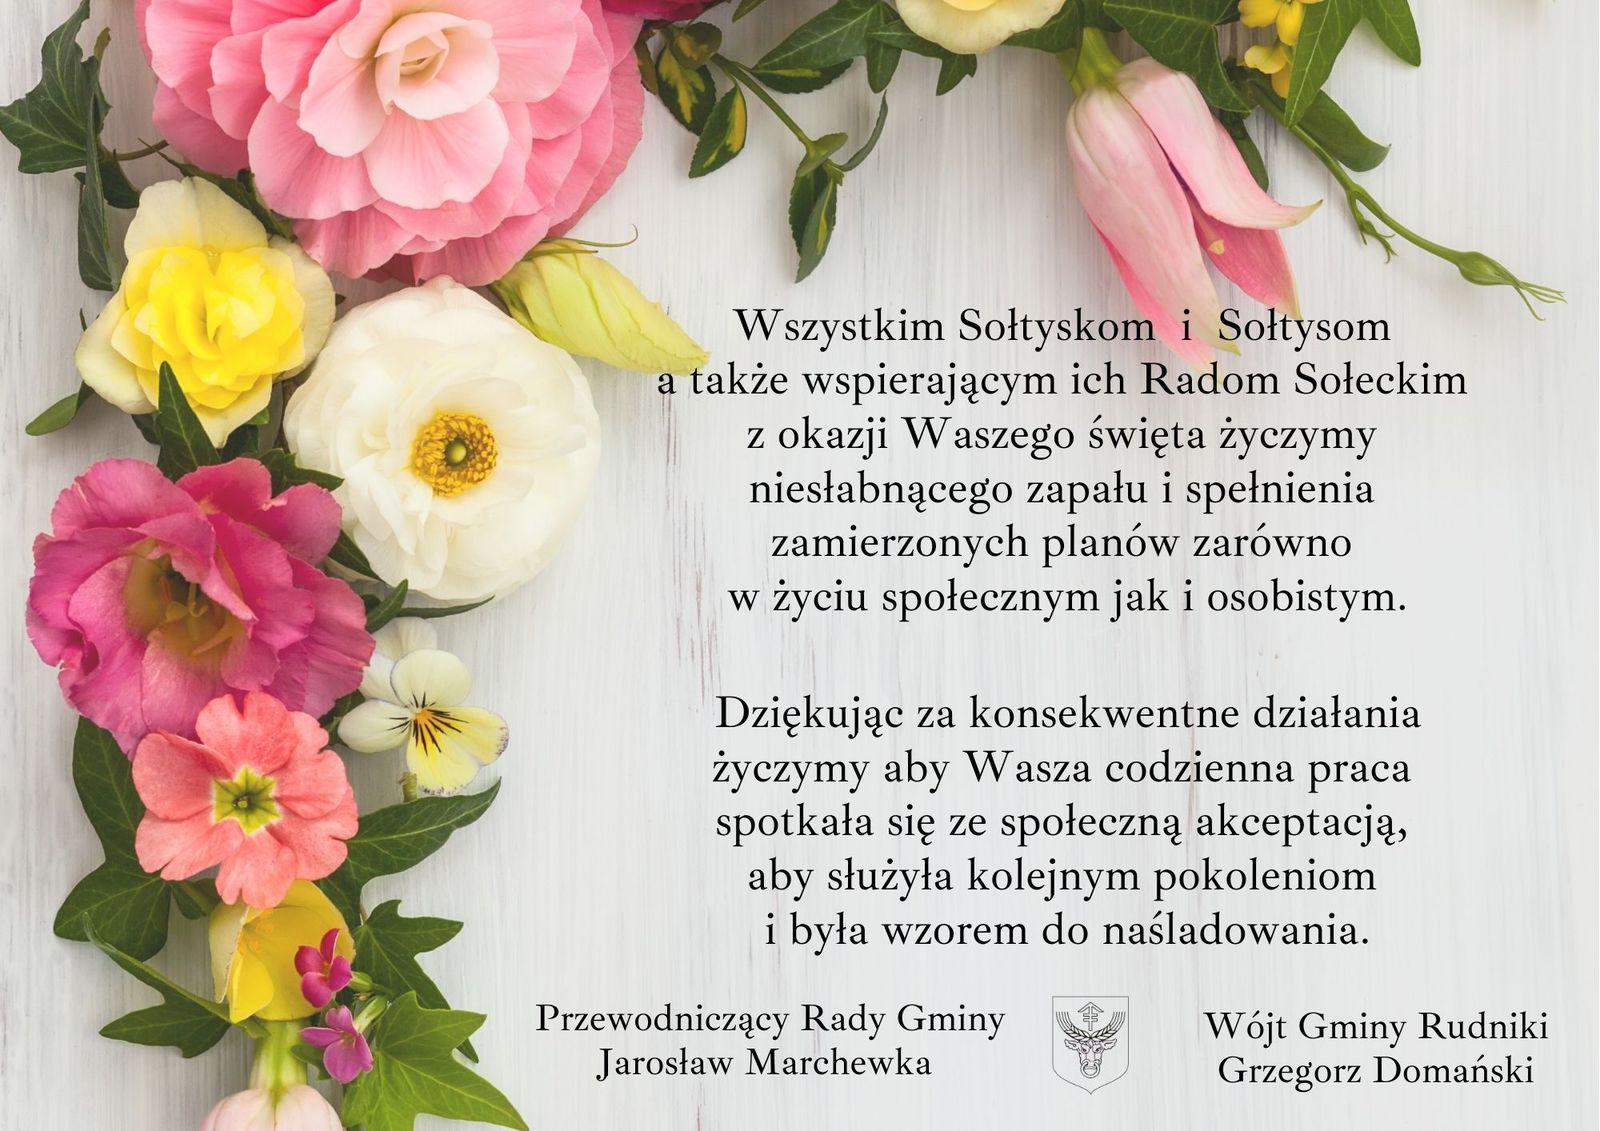 Wszystkim Sołtyskom i Sołtysom a także wspierającym ich Radom Sołeckim z okazji Waszego święta życzymy niesłabnącego zapału i spełnienia zamierzonych planów zarówno w życiu społecznym jak i osobistym. Dzięku.jpeg